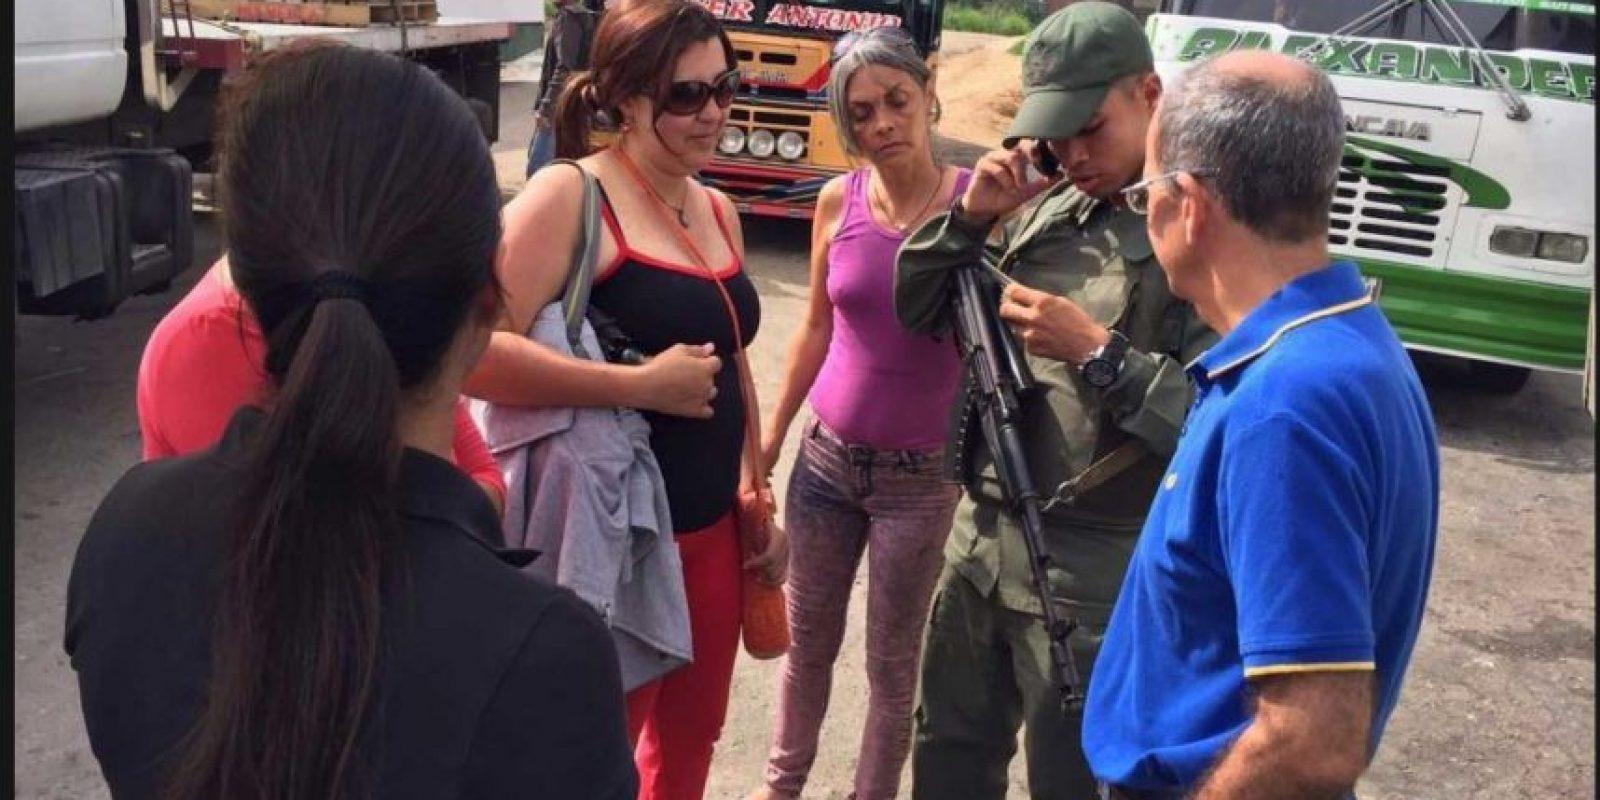 También denuncian hostigamiento por parte del gobierno de Nicolás Maduro Foto:Twitter.com/RevocaloYA